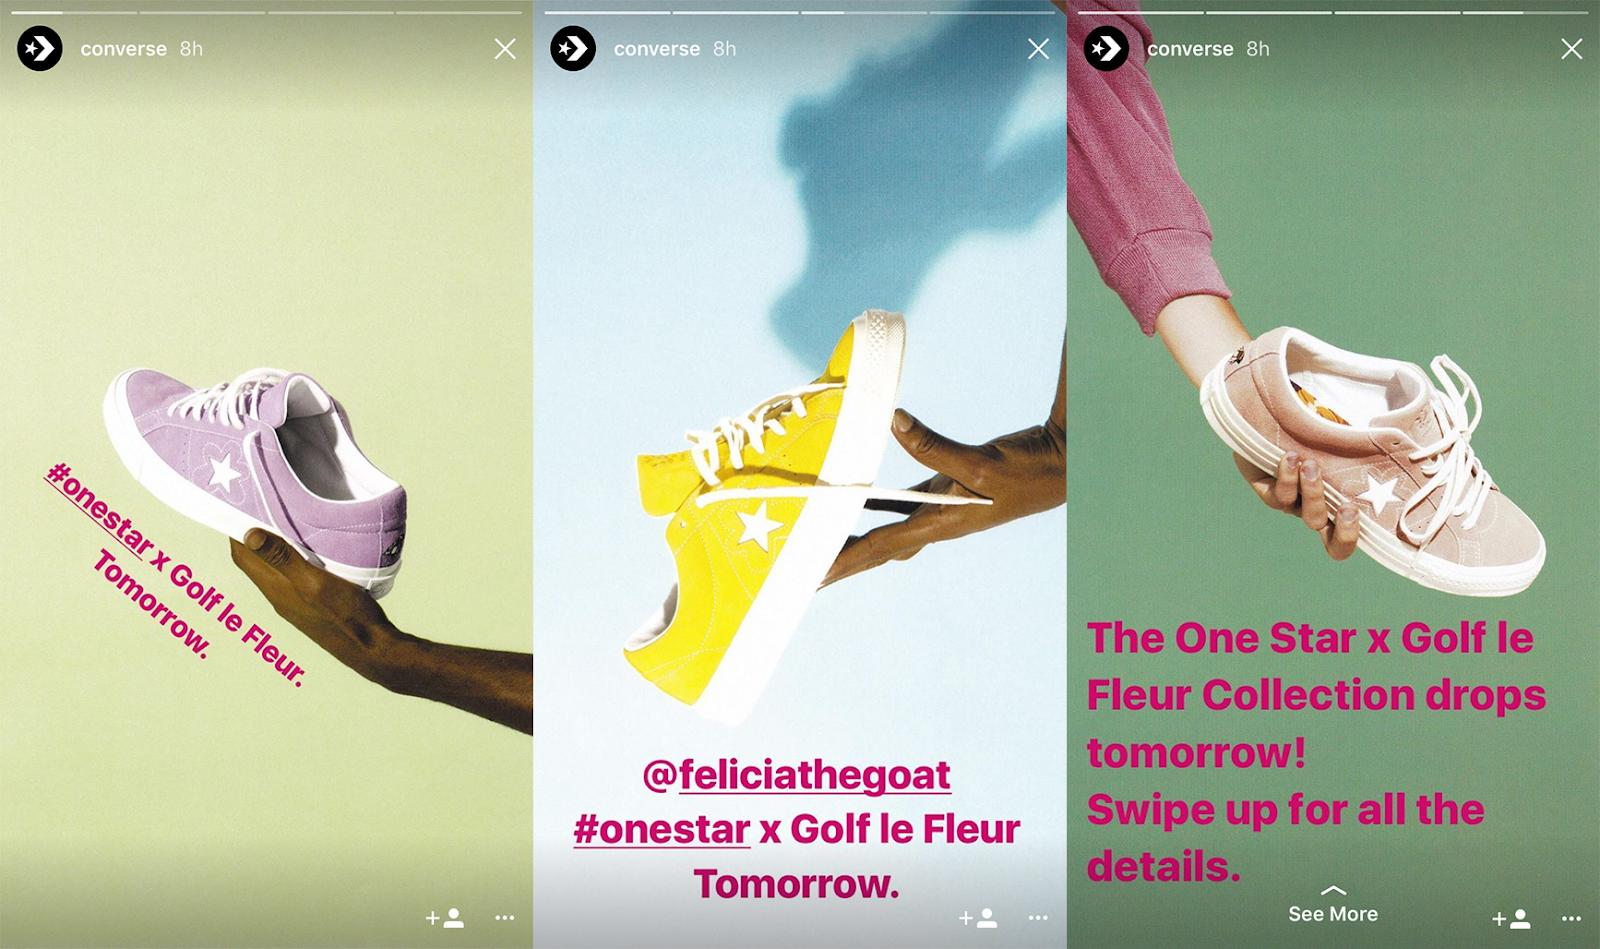 conversare la storia di Instagram